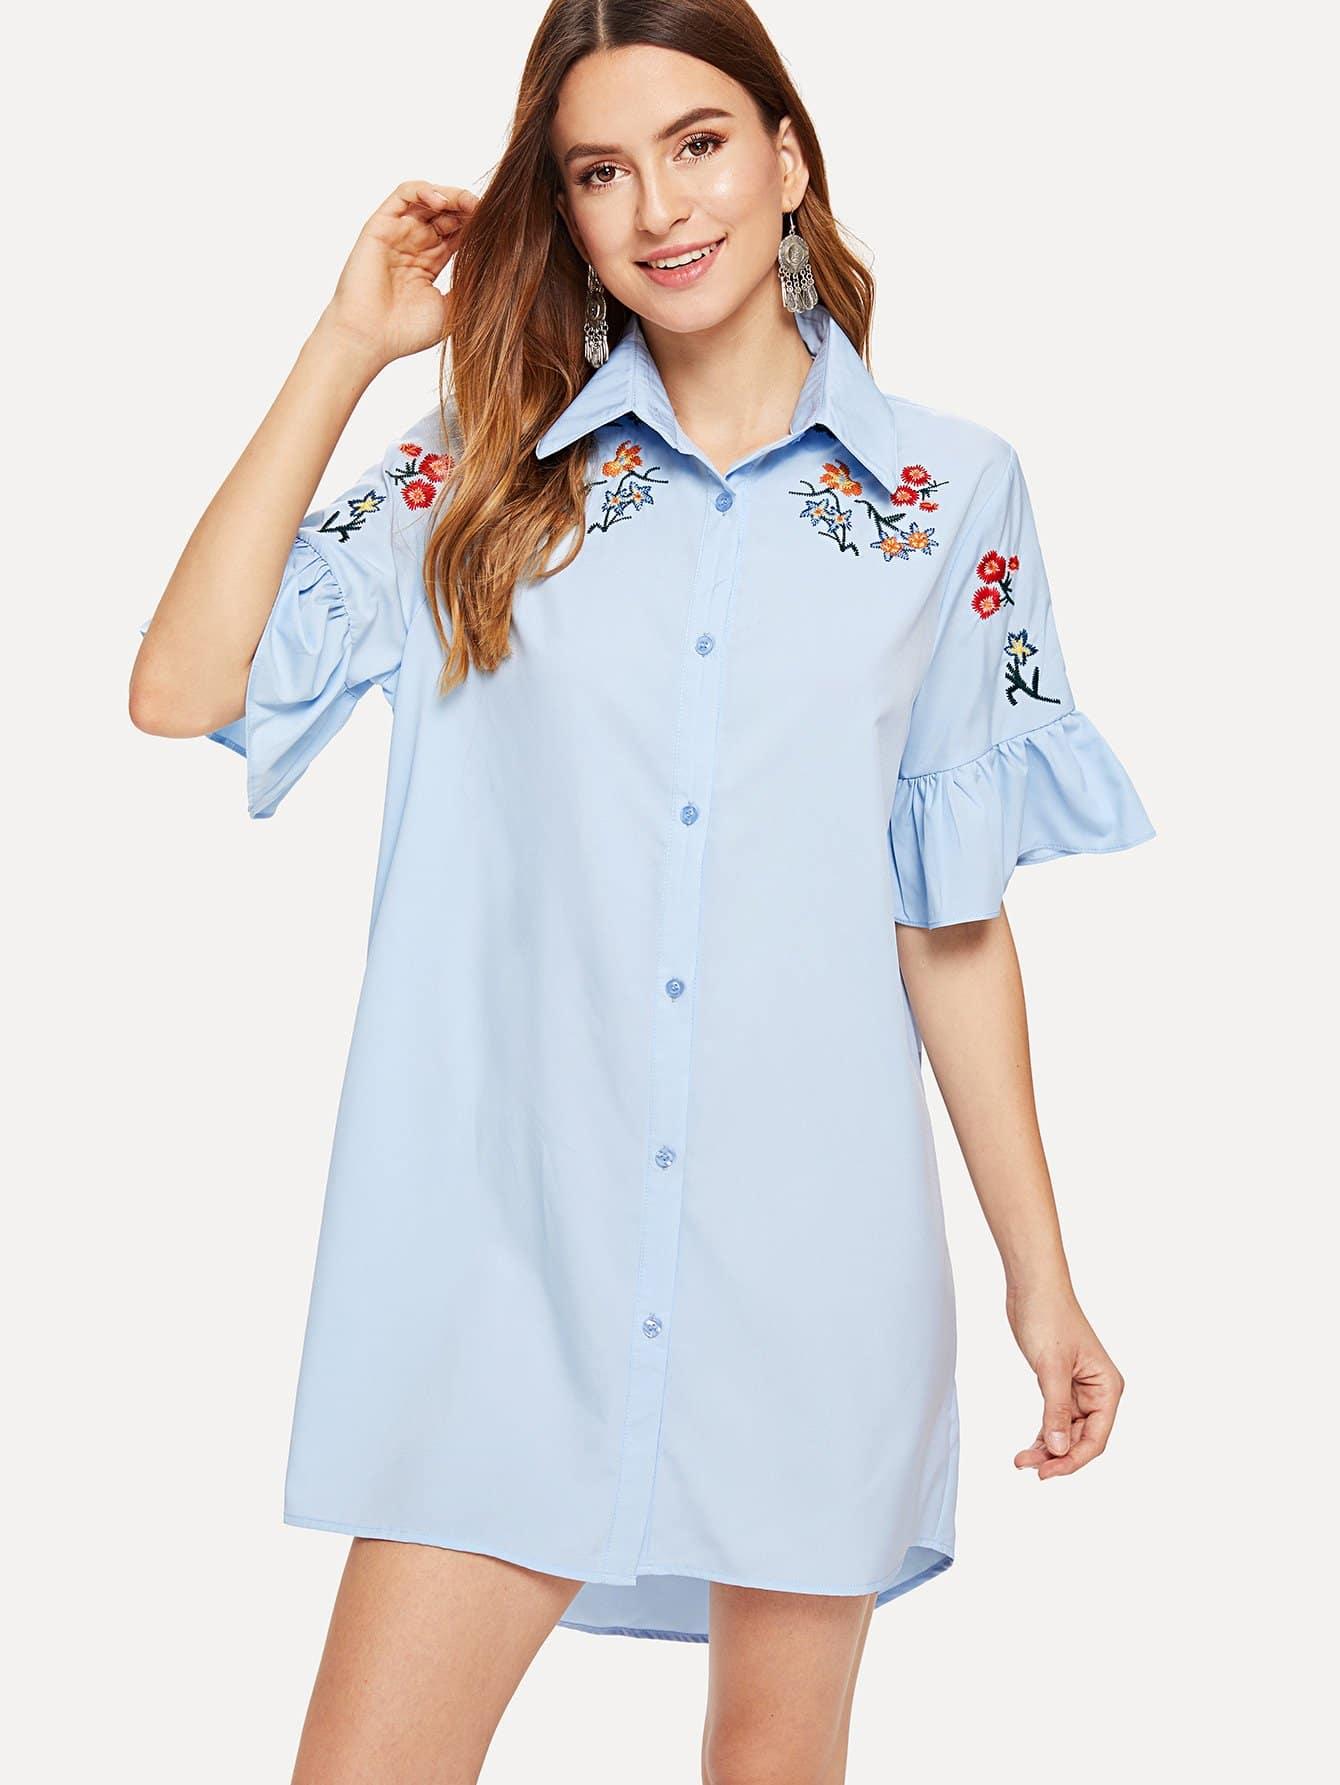 荷葉袖刺繡前短後長襯衫洋裝 | SHEIN臺灣